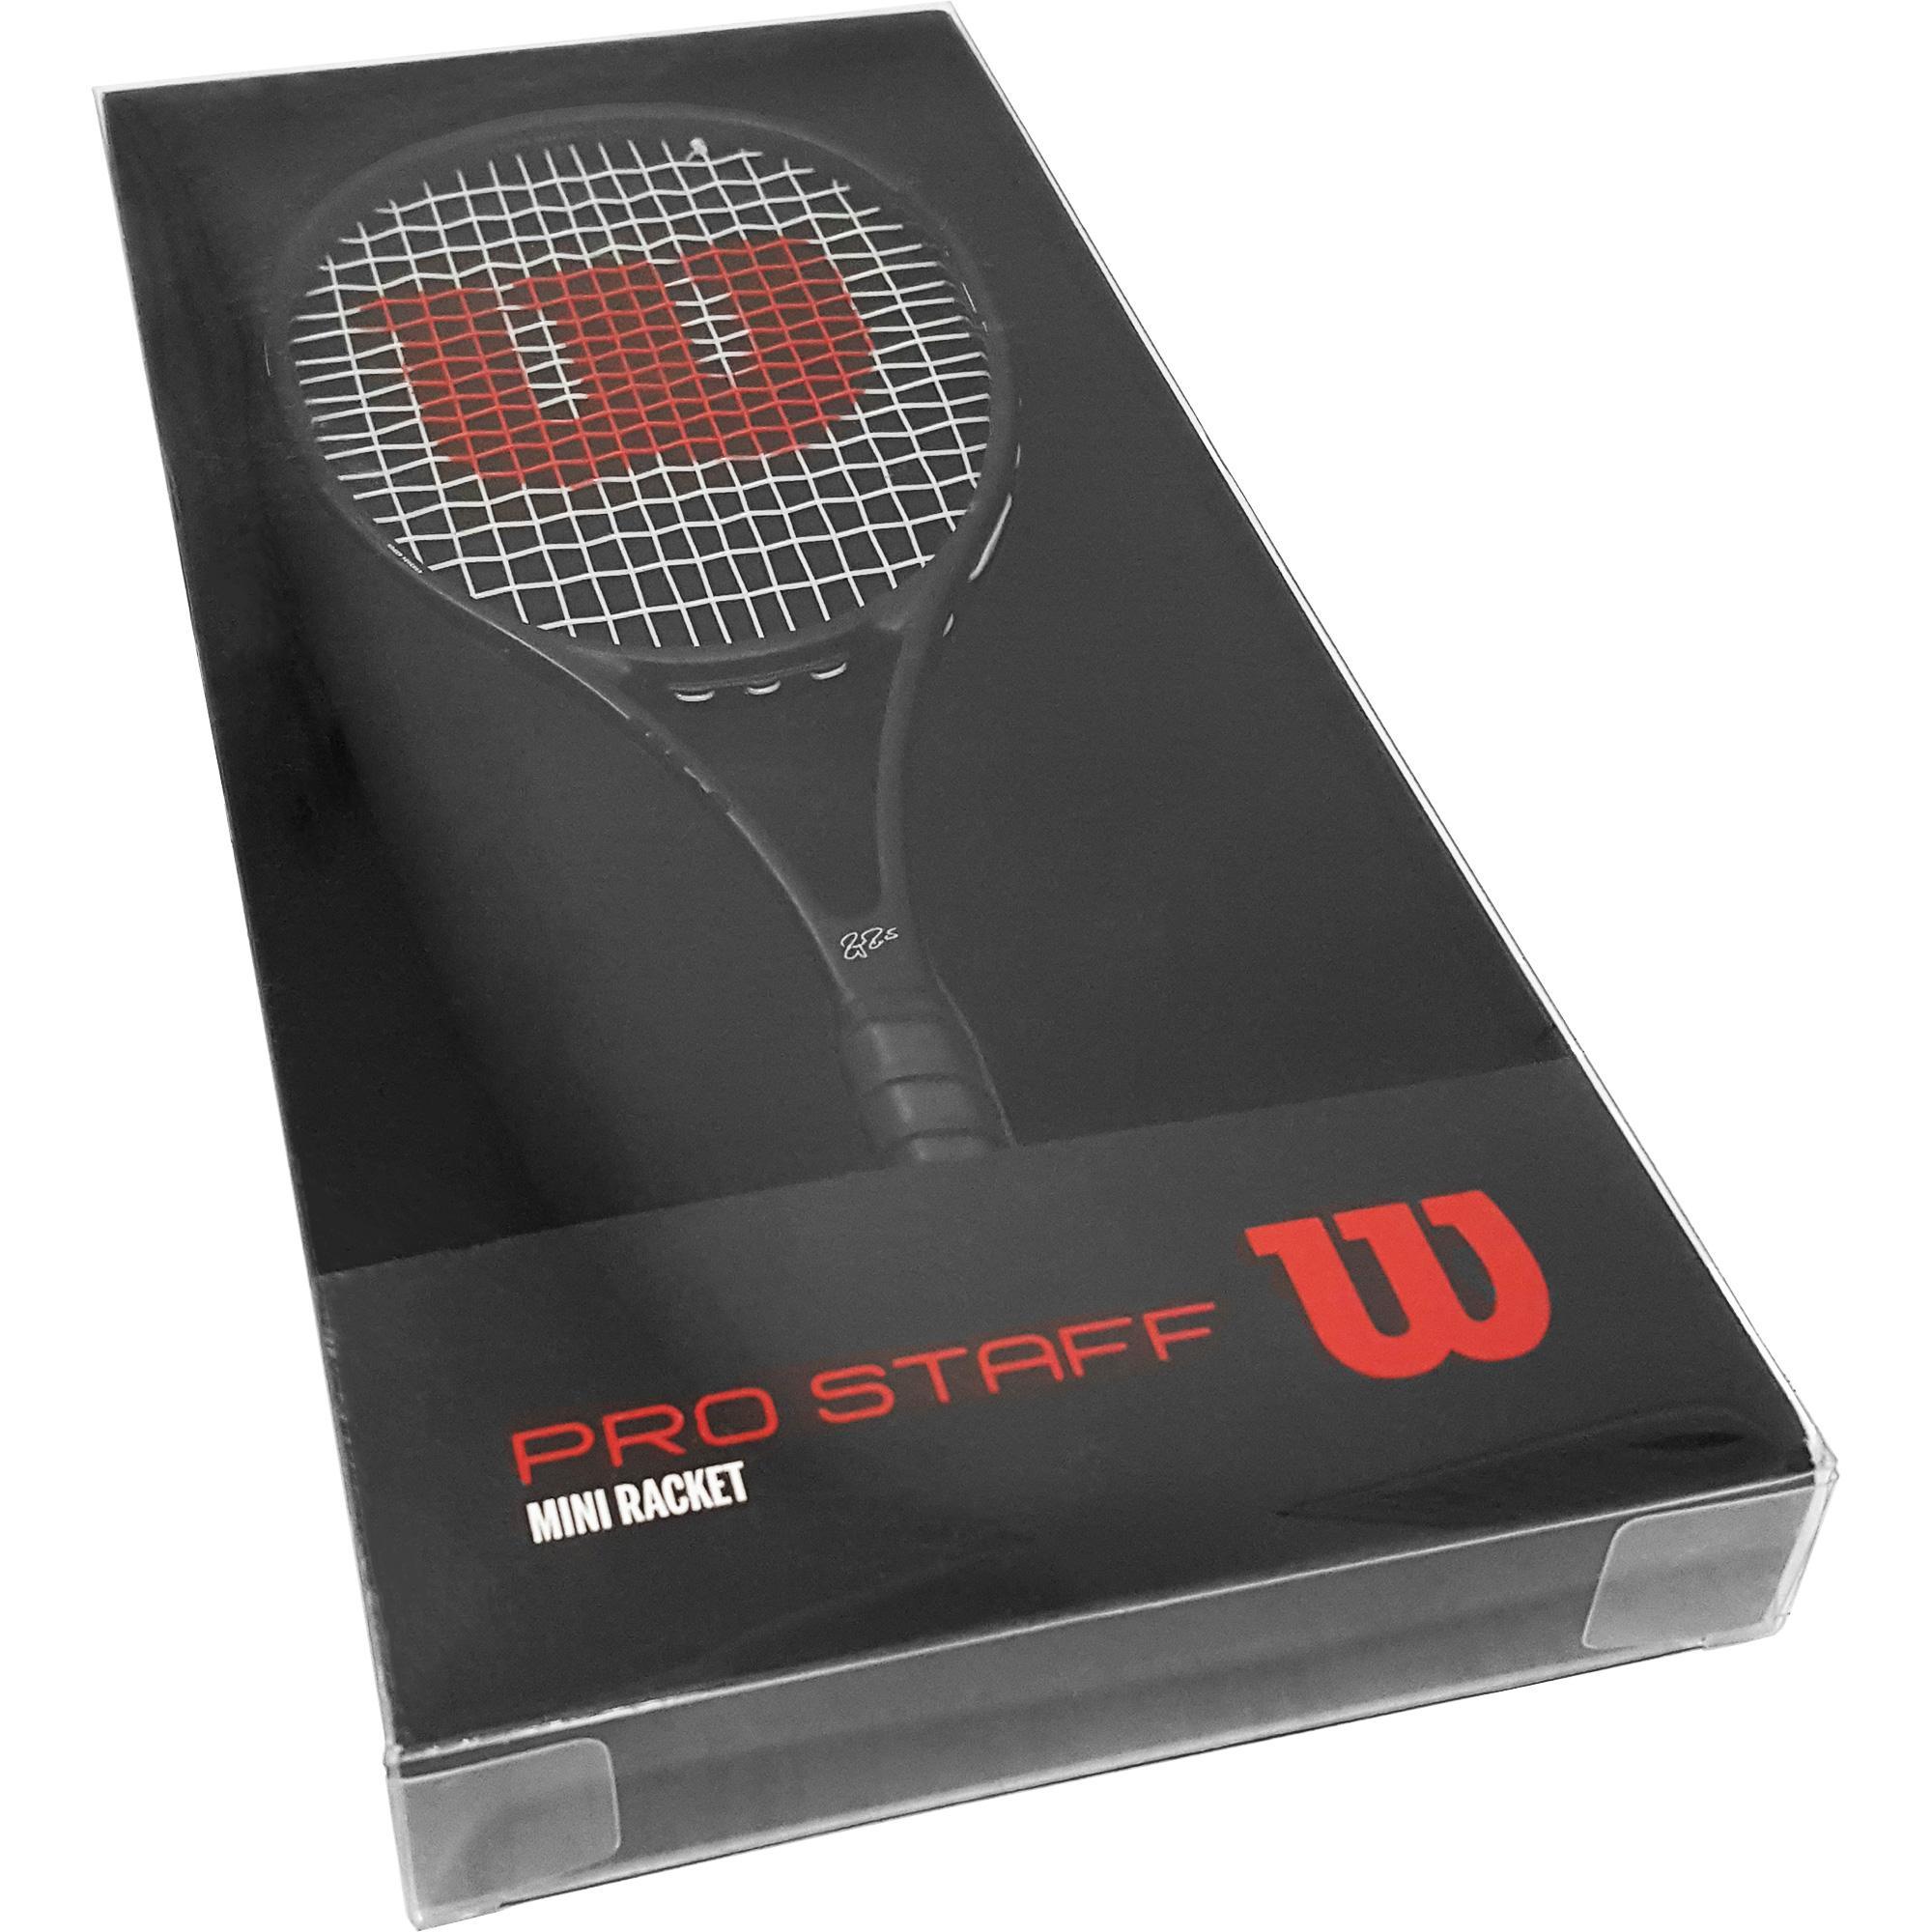 b15a6dc09 Wilson Pro Staff RF97 Mini 10 inch Tennis Racket - Tennisnuts.com